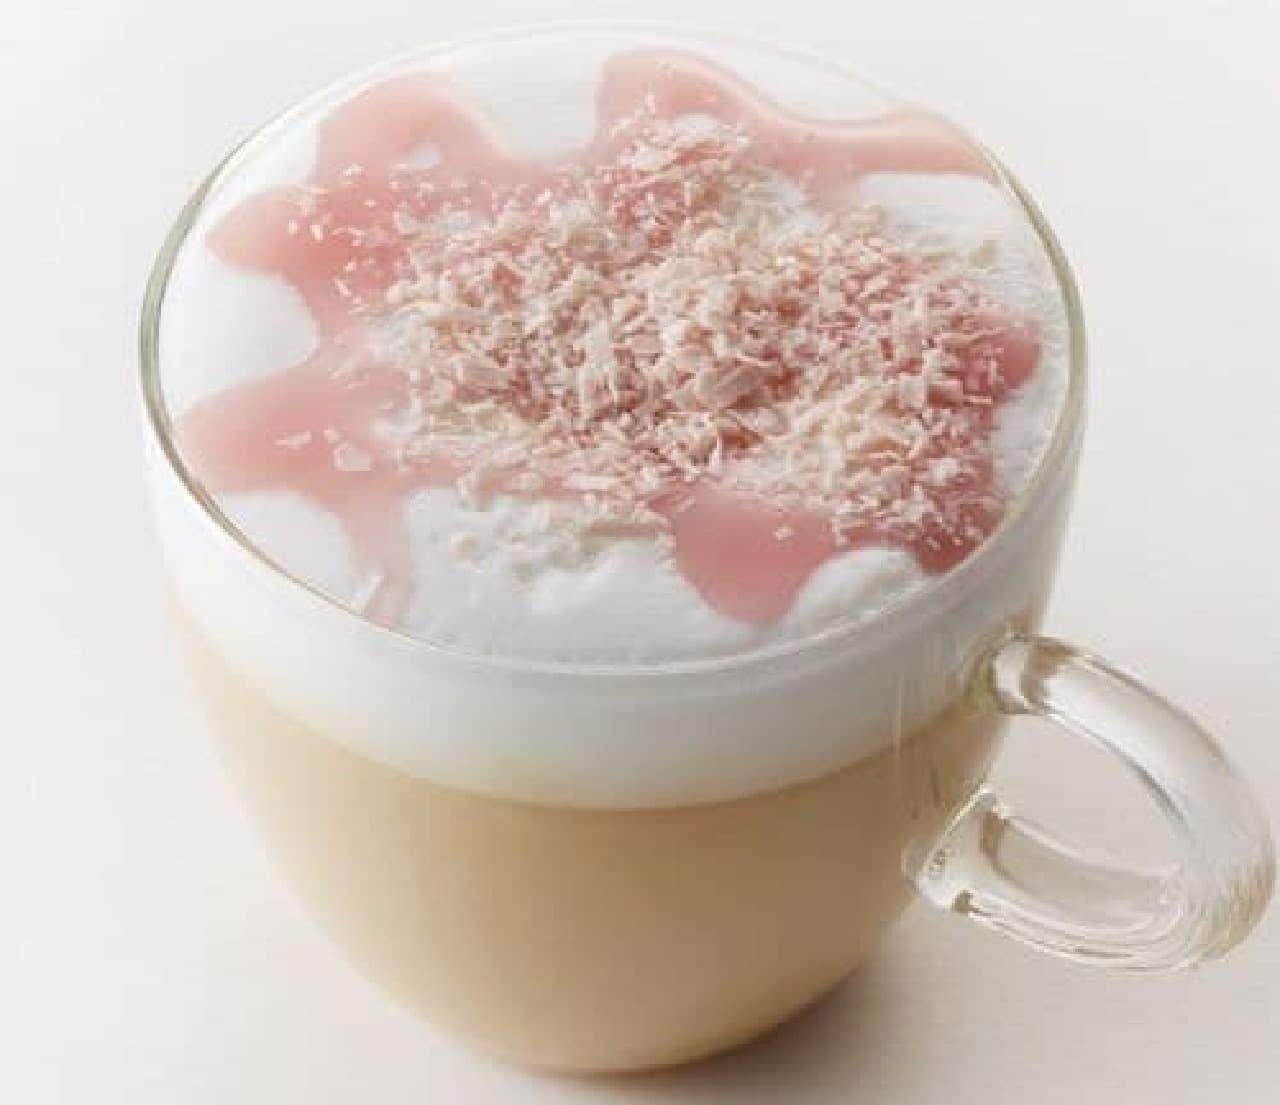 タリーズコーヒー「SAKURA ティーカプチーノ」